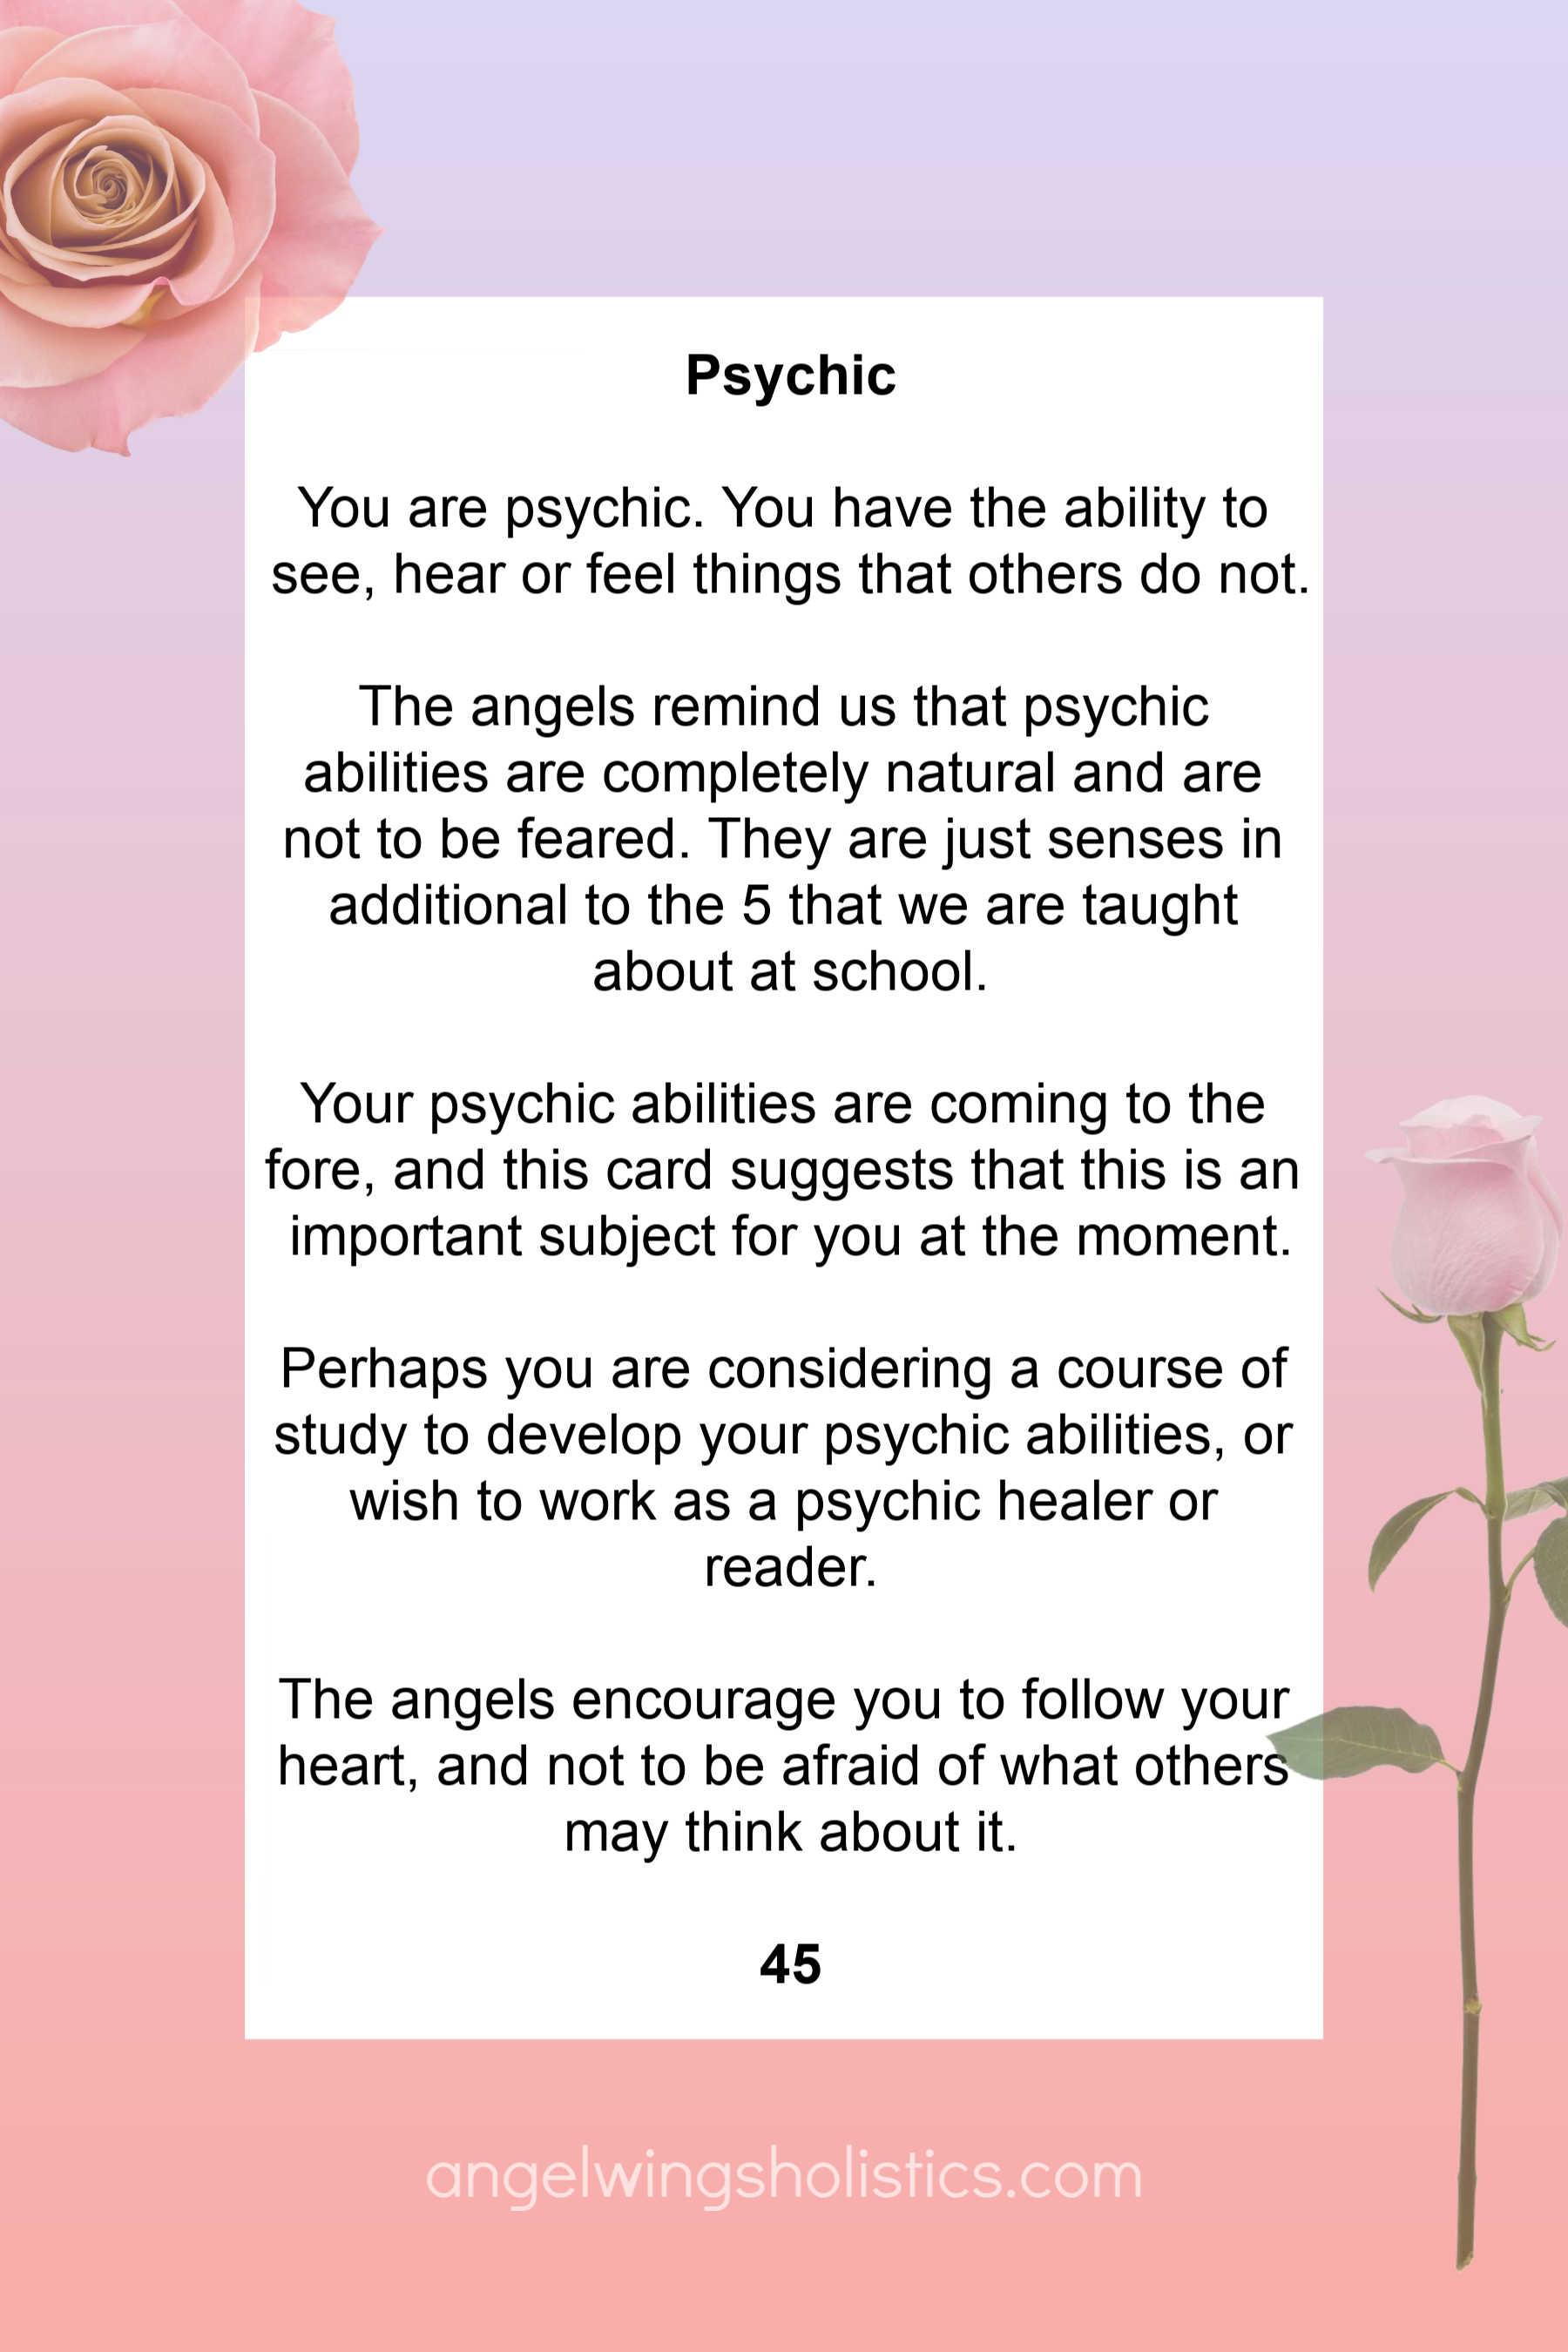 45-psychic.jpg